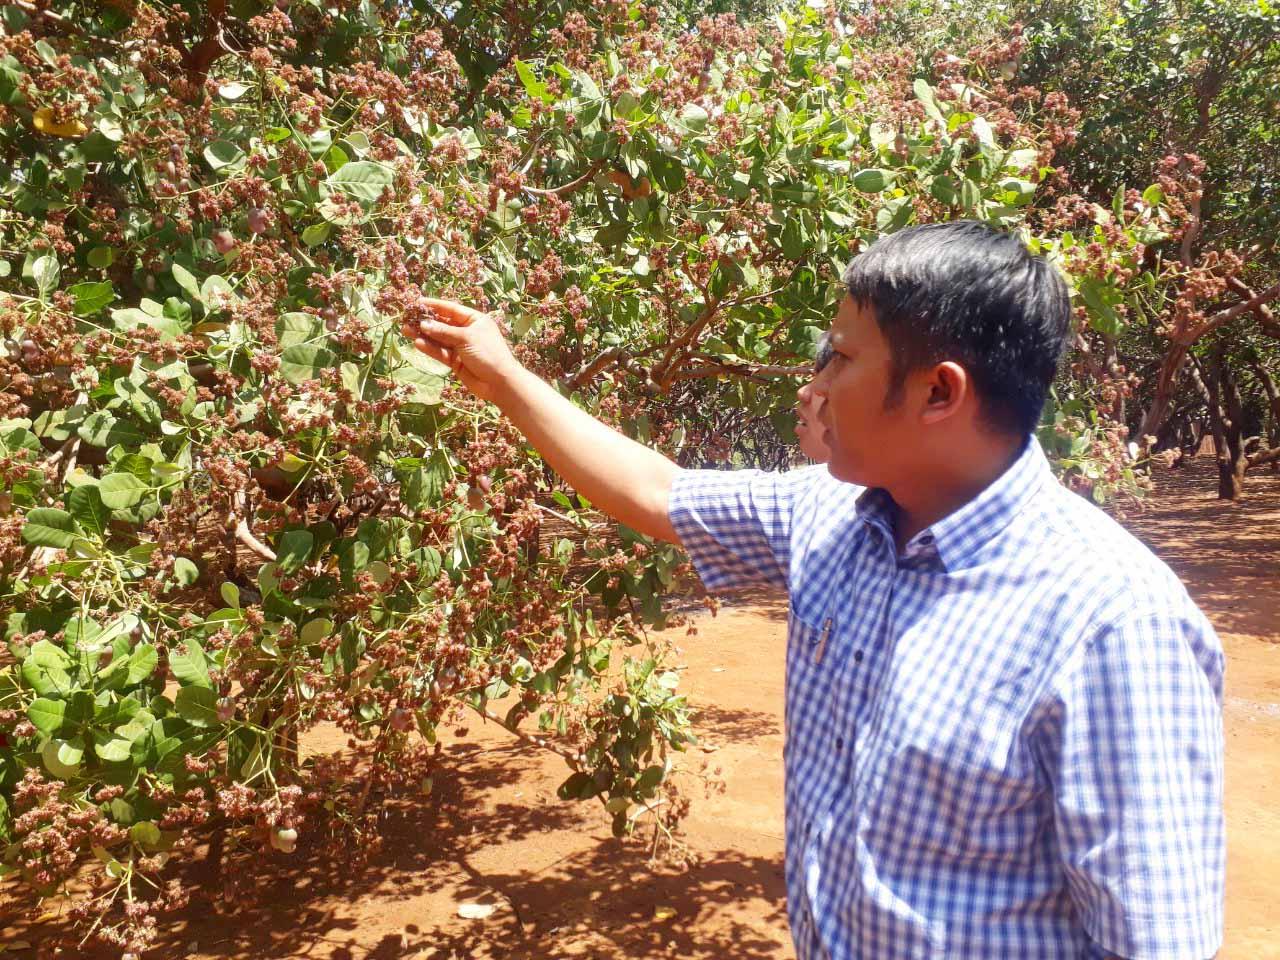 Nhập khẩu một lượng khổng lồ khiến giá loại nông sản này của Việt Nam giảm sâu dù Mỹ mua nhiều - Ảnh 1.